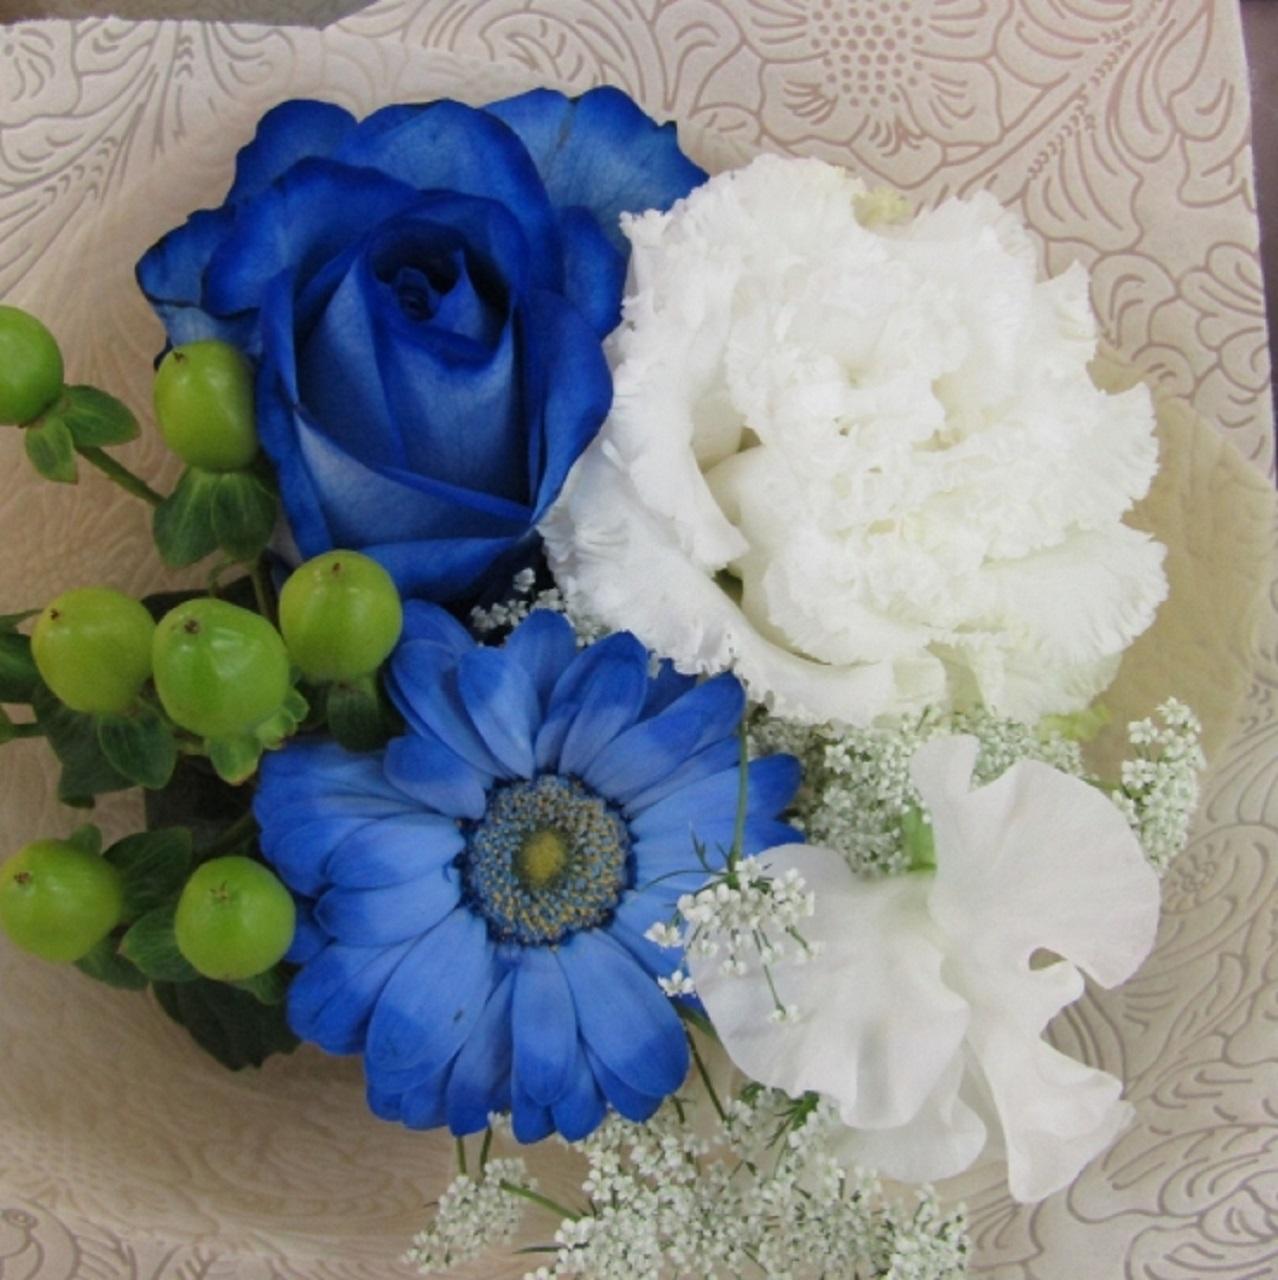 コロナ禍で自分の結婚に対する価値観が変わり入会しました。